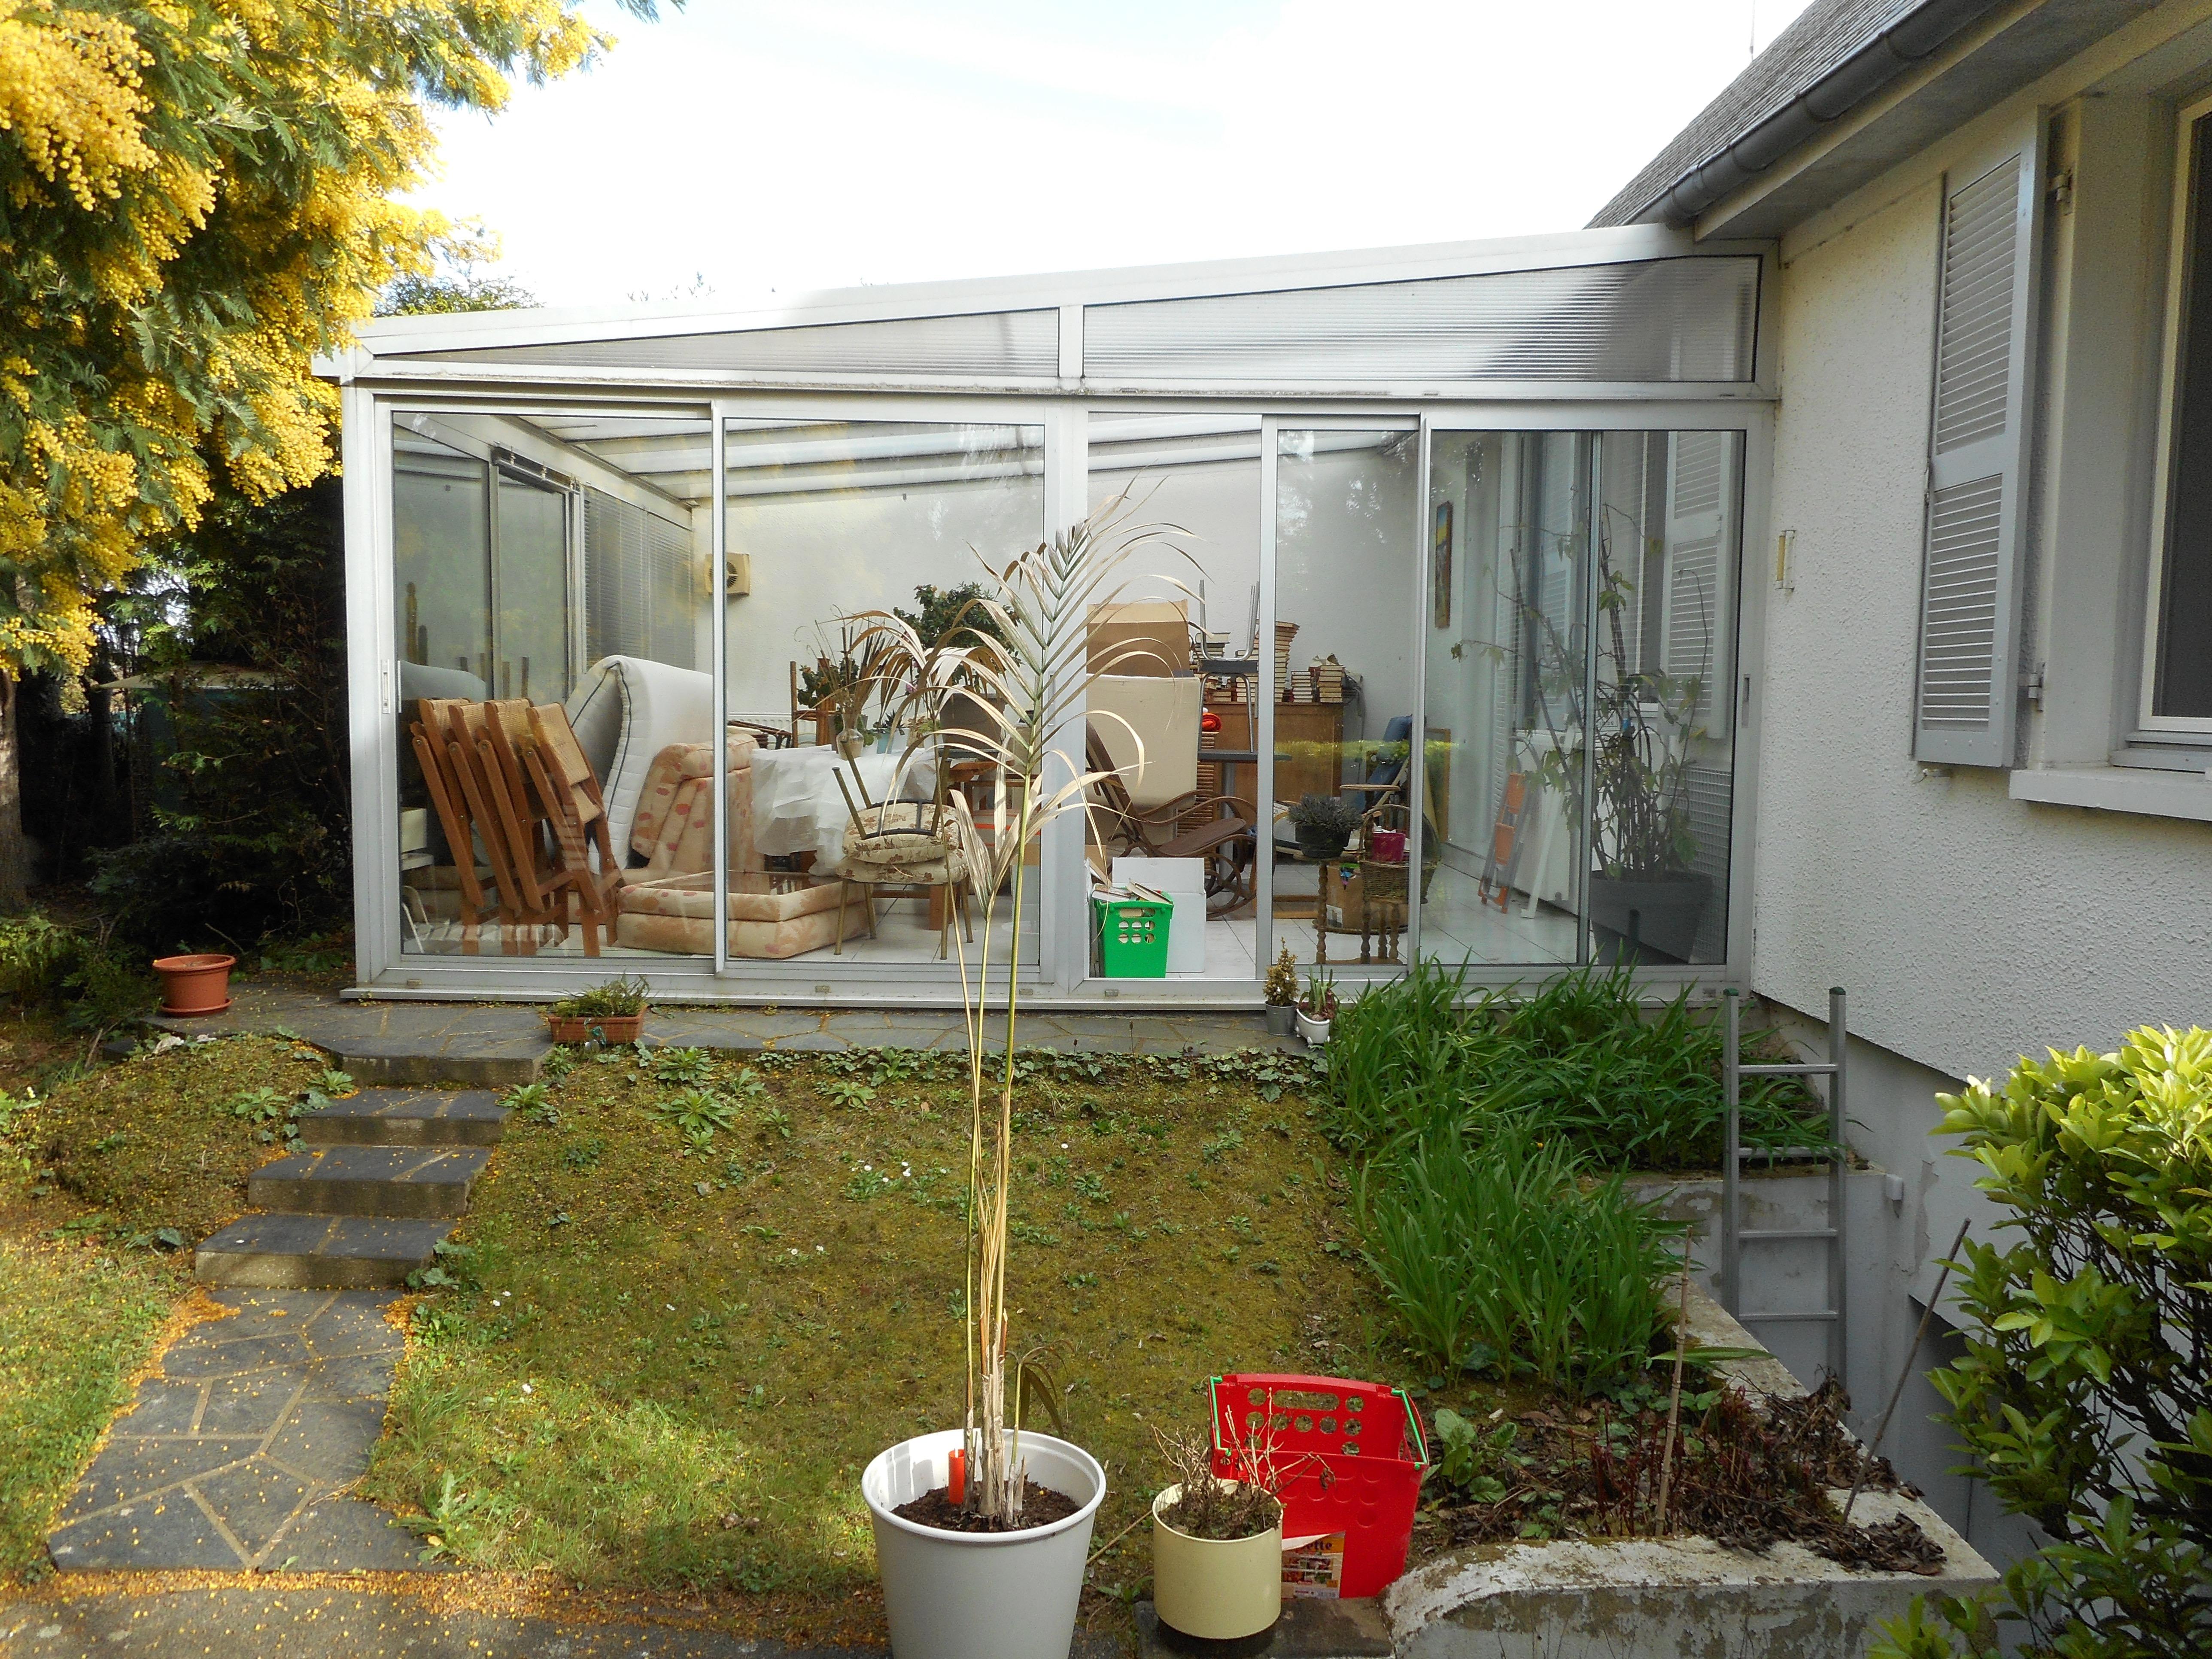 veranda donner la chapelle sur erdre. Black Bedroom Furniture Sets. Home Design Ideas